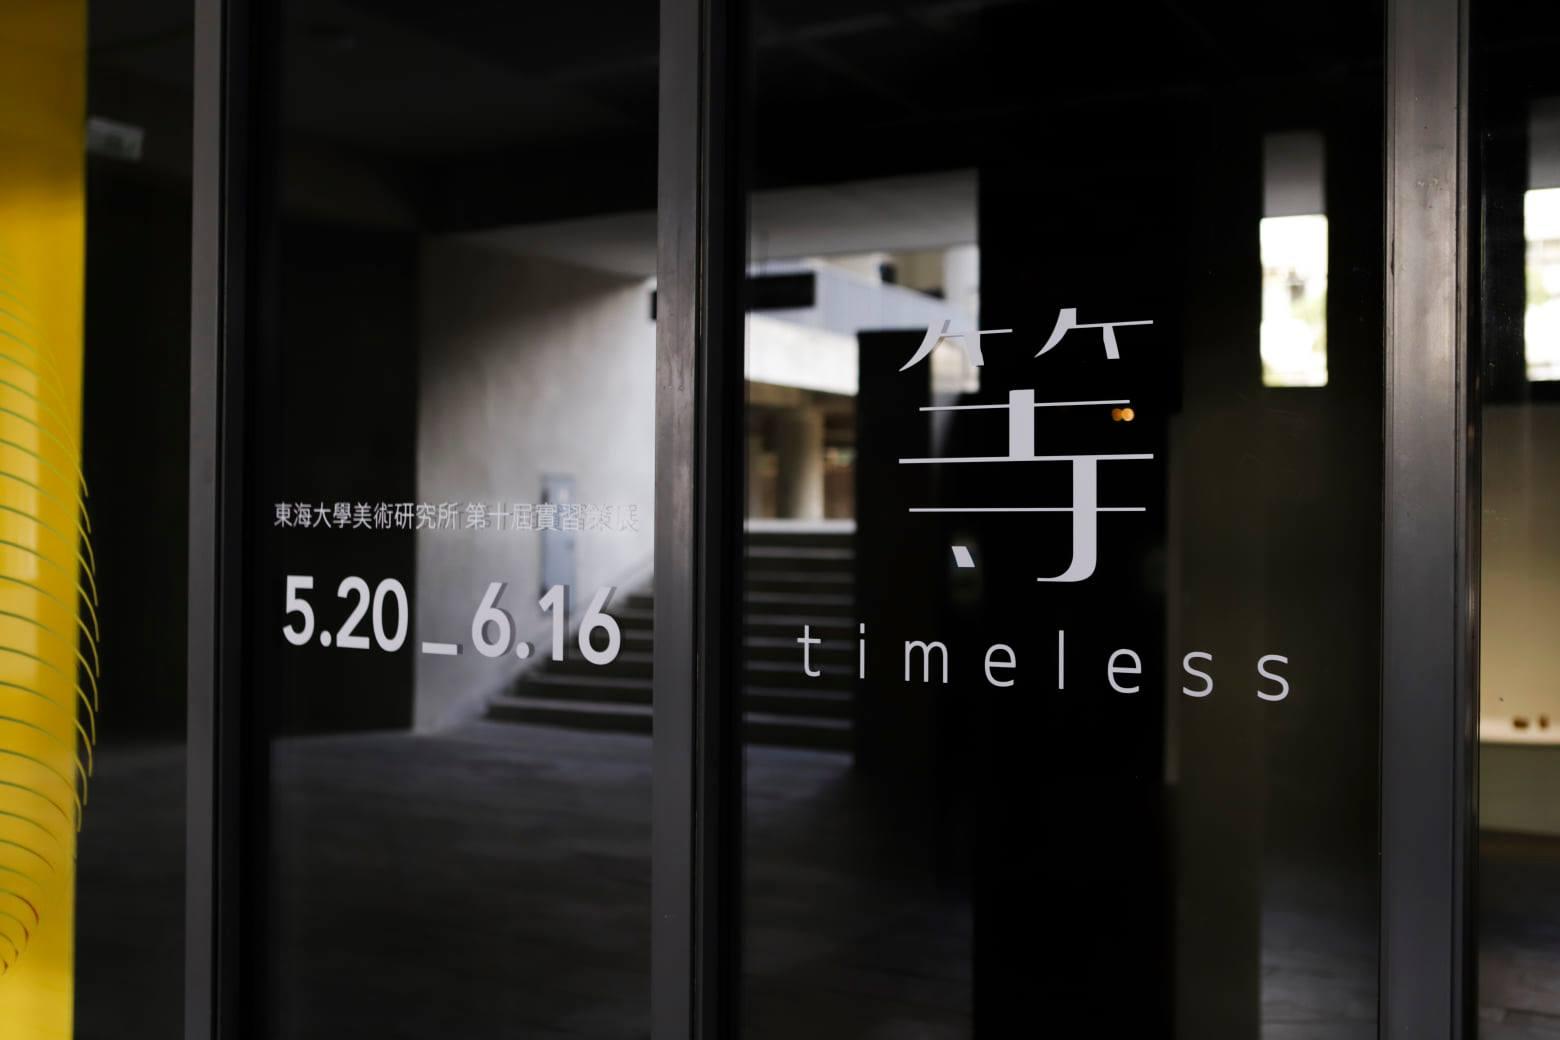 等Timeless-在可測與不可測的時間中迴旋(2021/5/20-6/16)